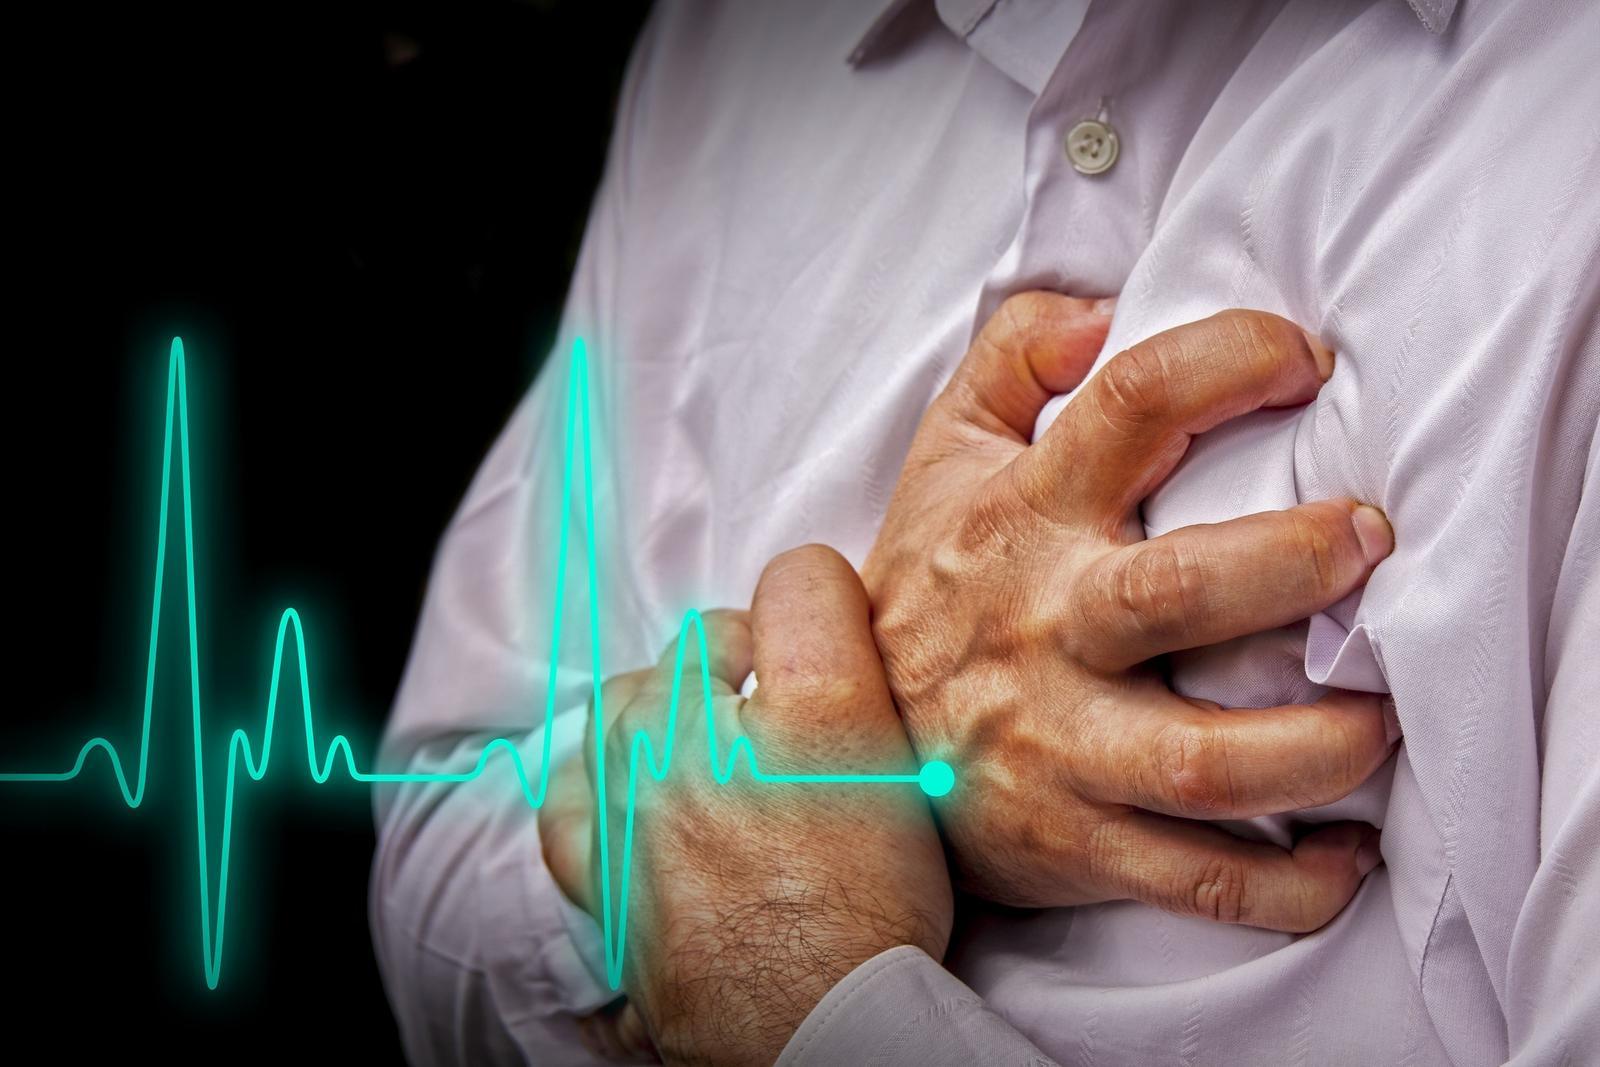 kaip jie senuoju būdu gydė hipertenziją)